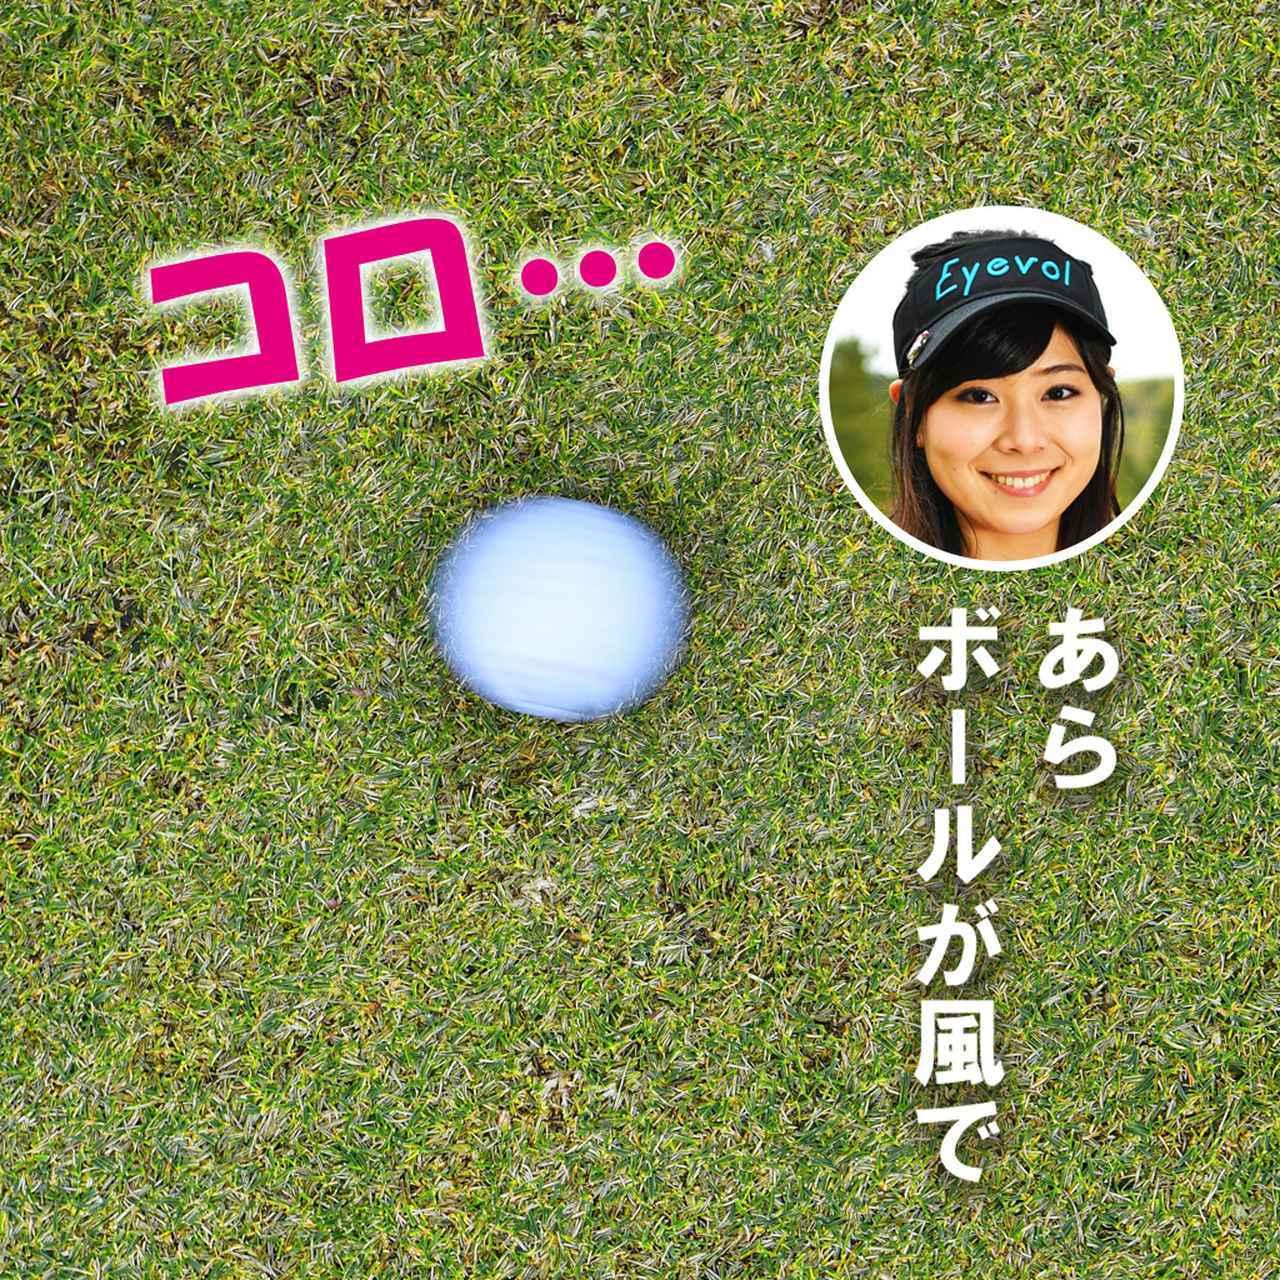 画像3: 【新ルール】グリーン上でリプレース後に強風で球が動いた、こういう場合の処置は?